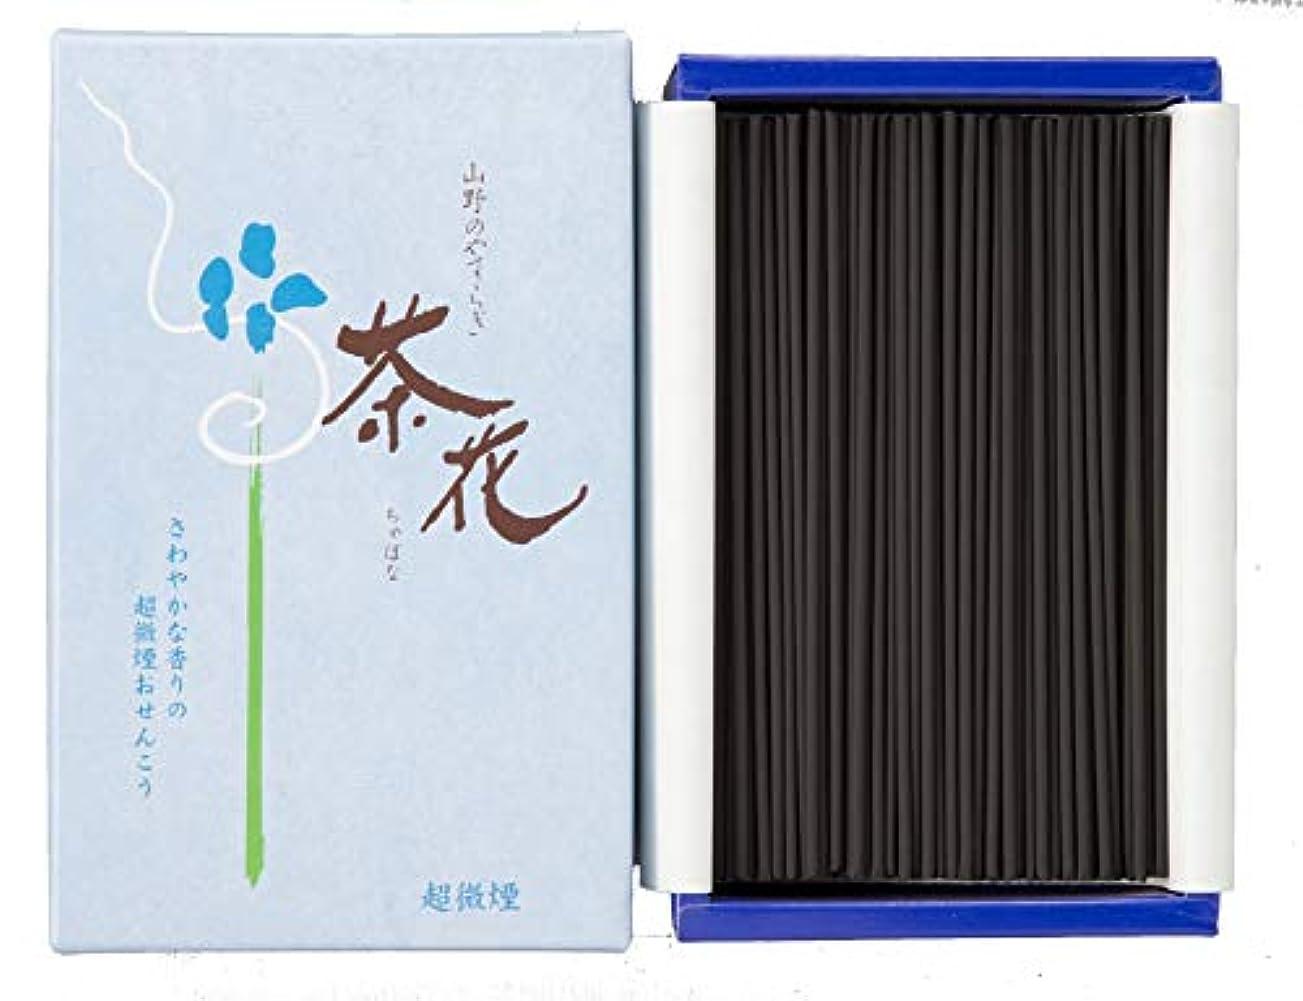 死傷者コーデリアマリン尚林堂 茶花 超微煙 大型バラ詰 159120-1050